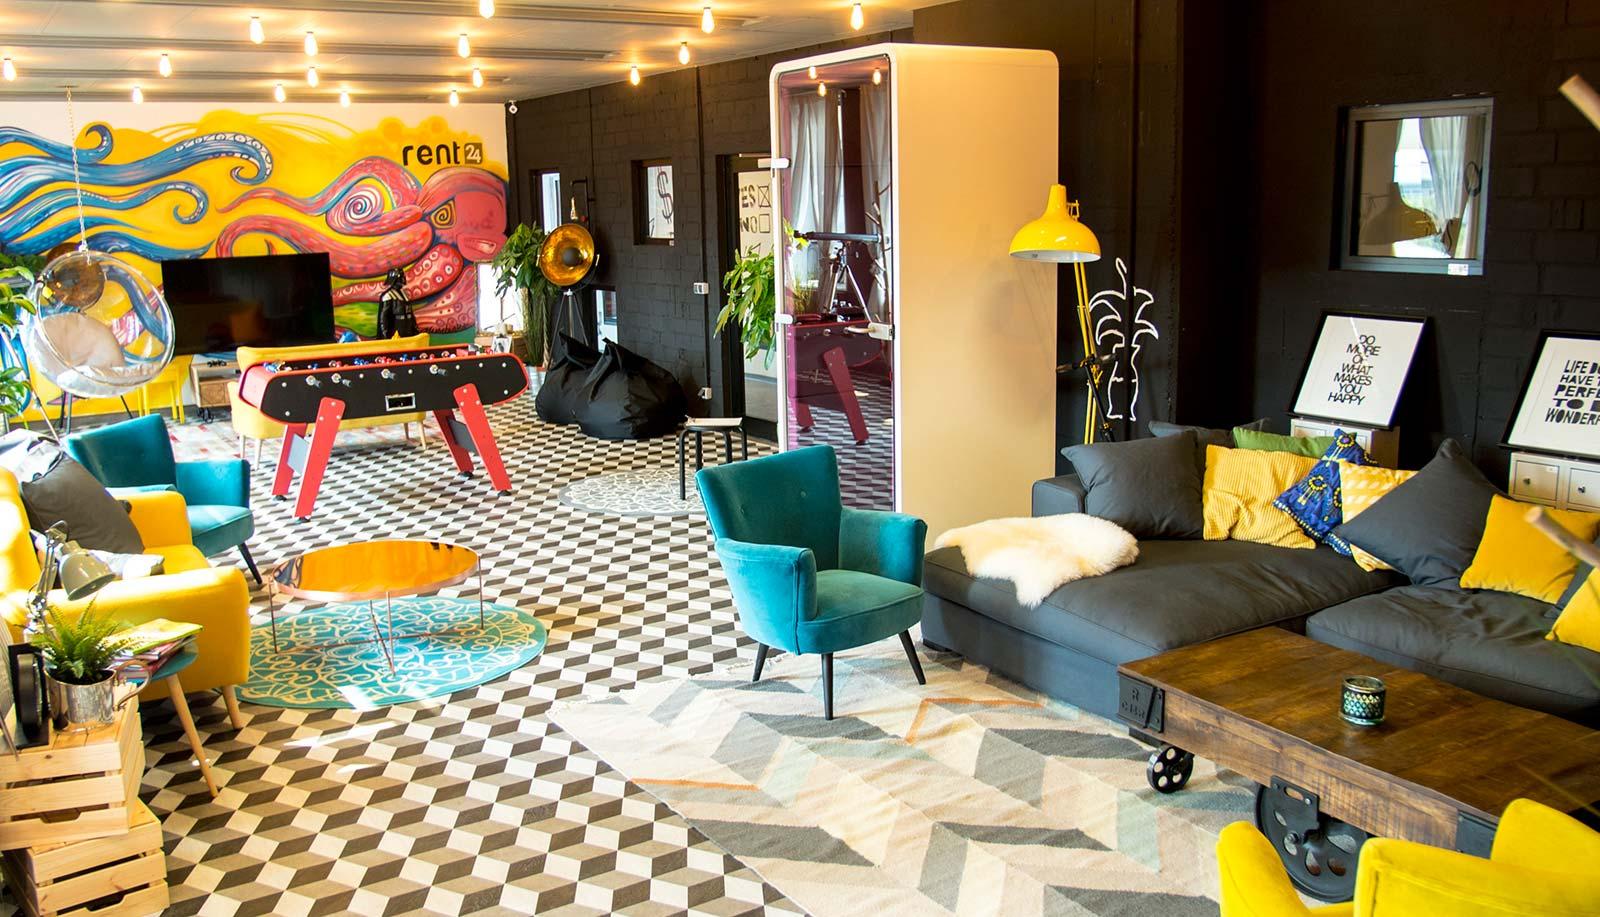 In House Dortmund coworking event space dortmund city hansastrasse rent24